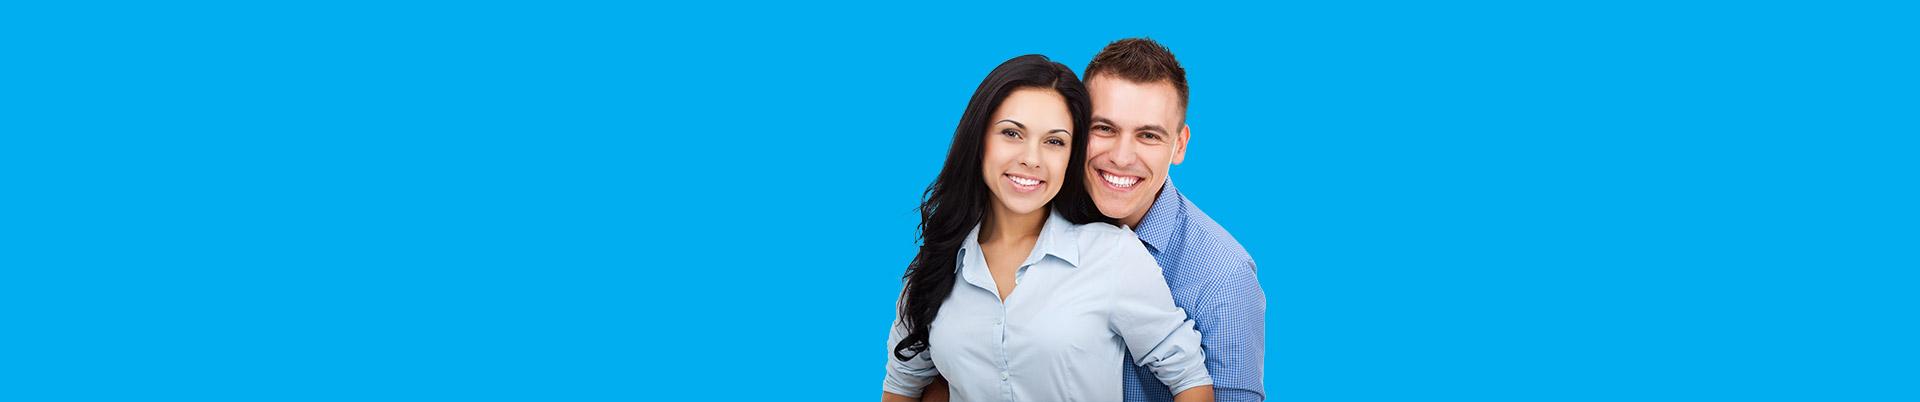 affordable dental practice